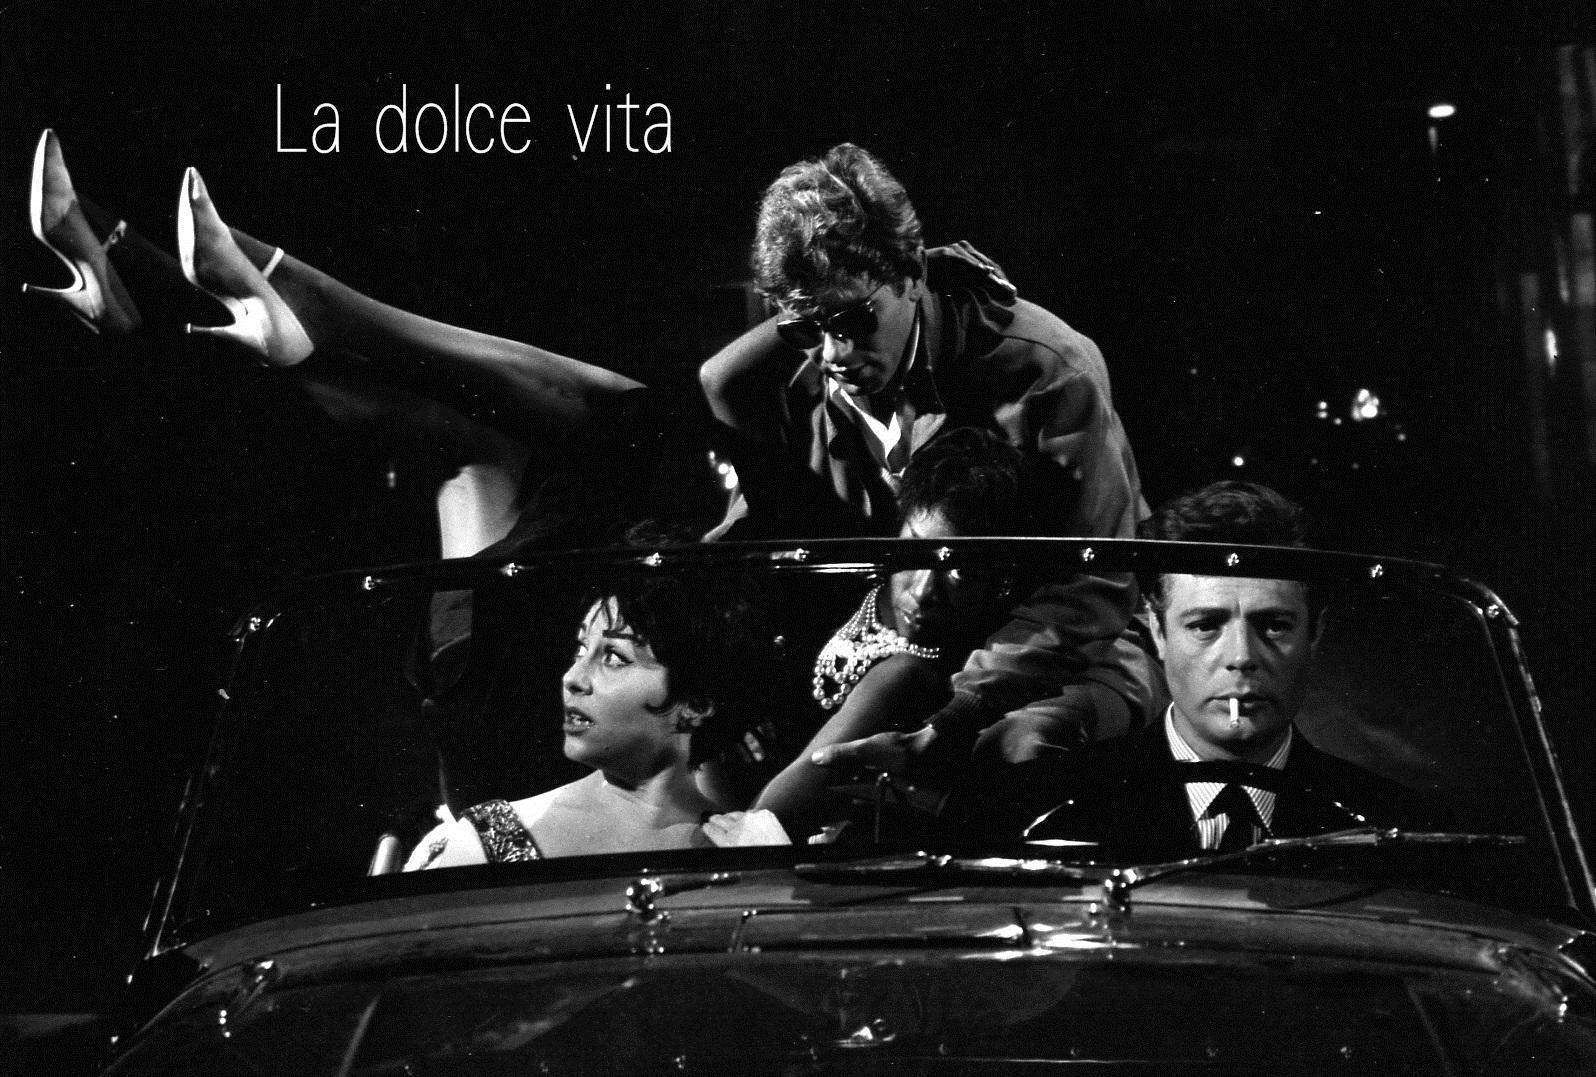 フェデリコ・フェリーニ監督 甘い生活 La dolce vita (3)